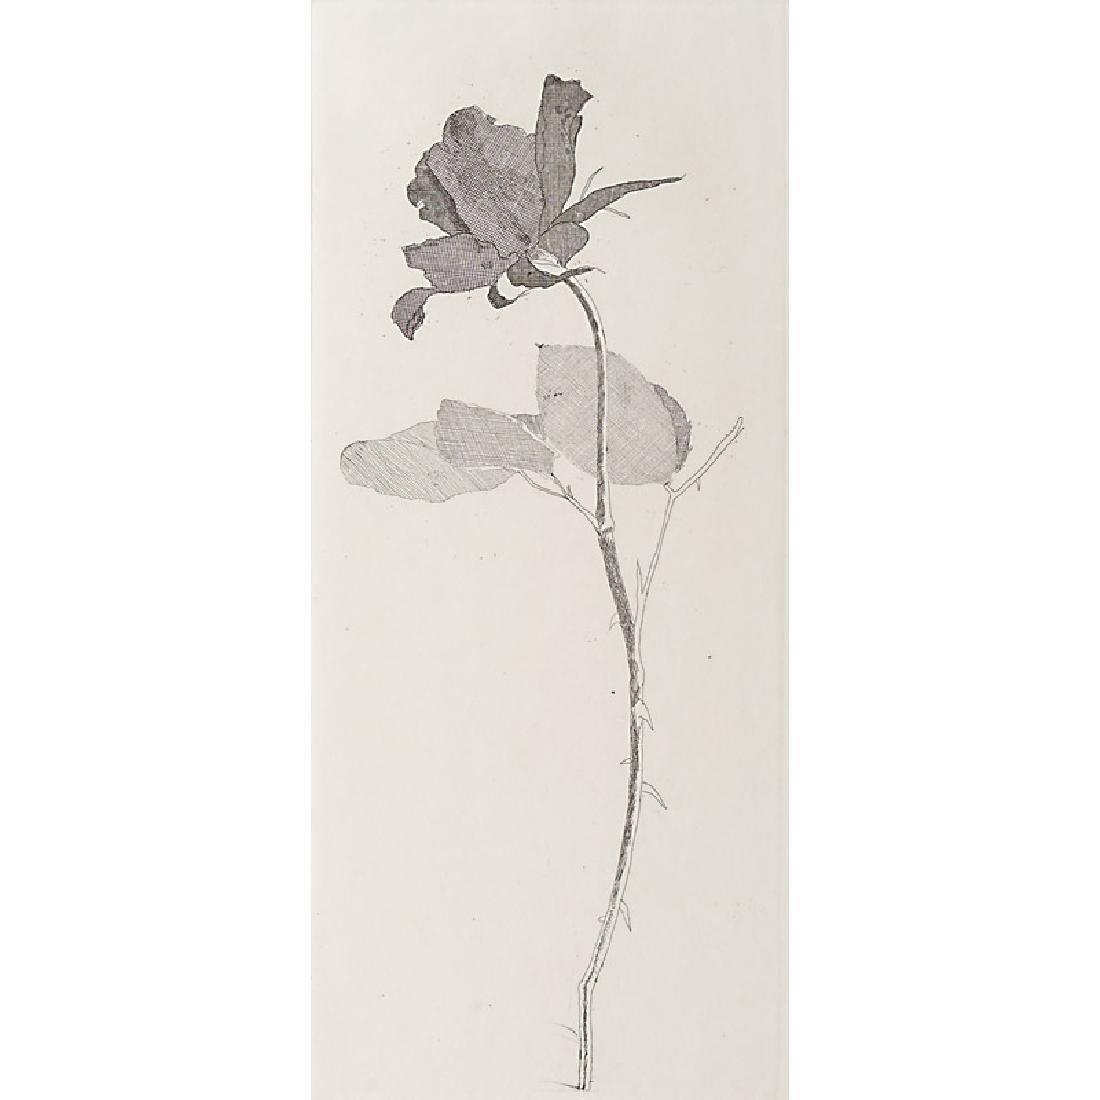 David Hockney (British, b. 1937)